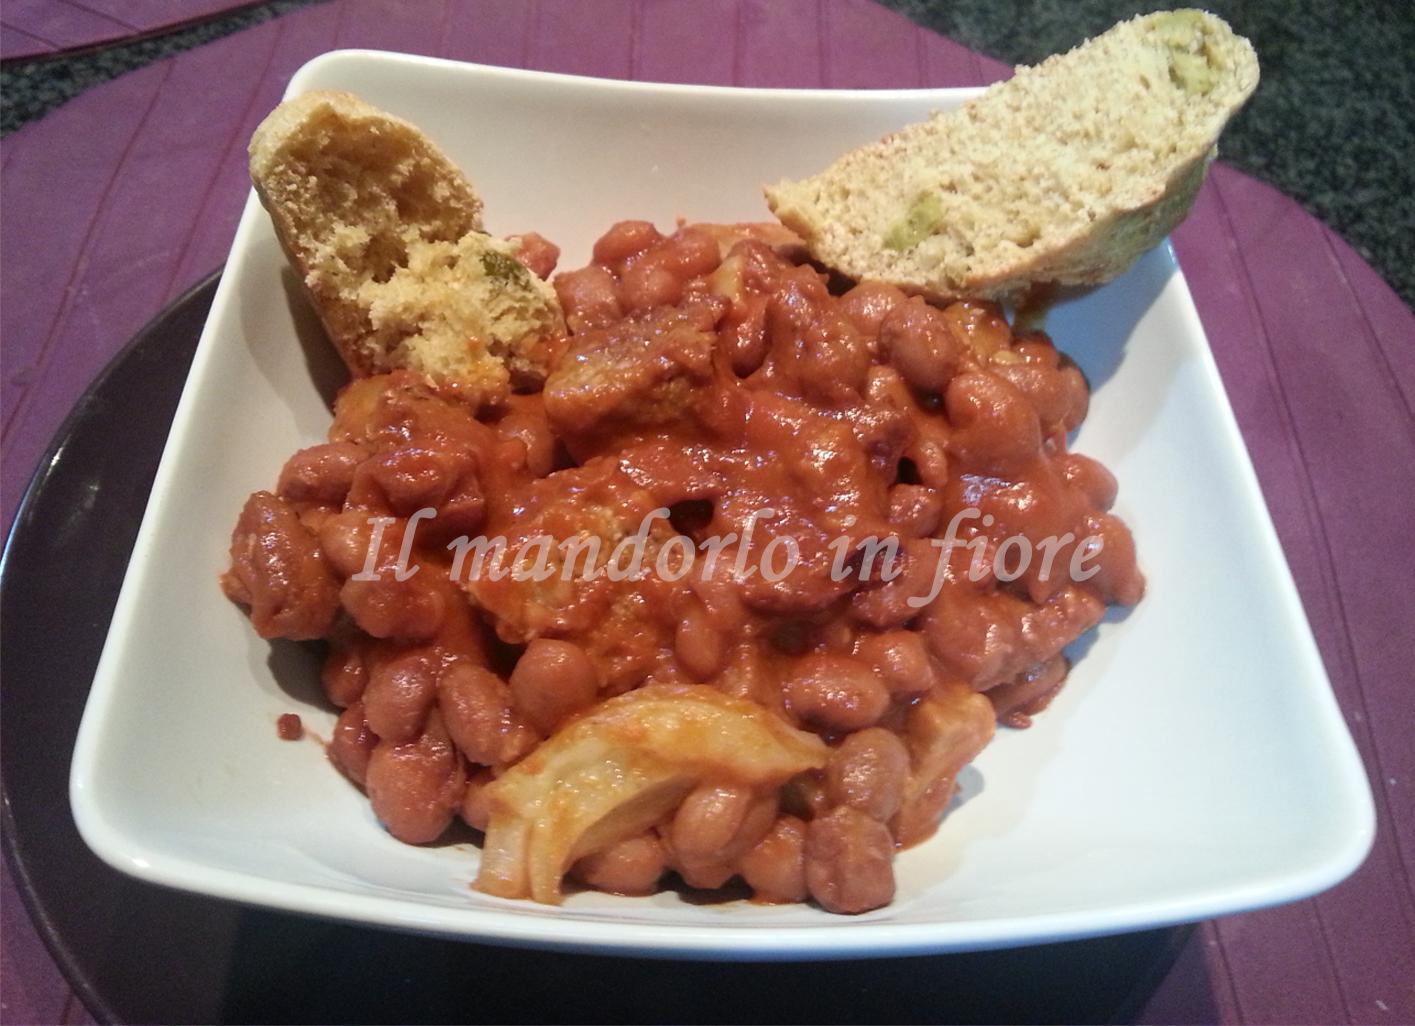 fagioli bud spencer veg